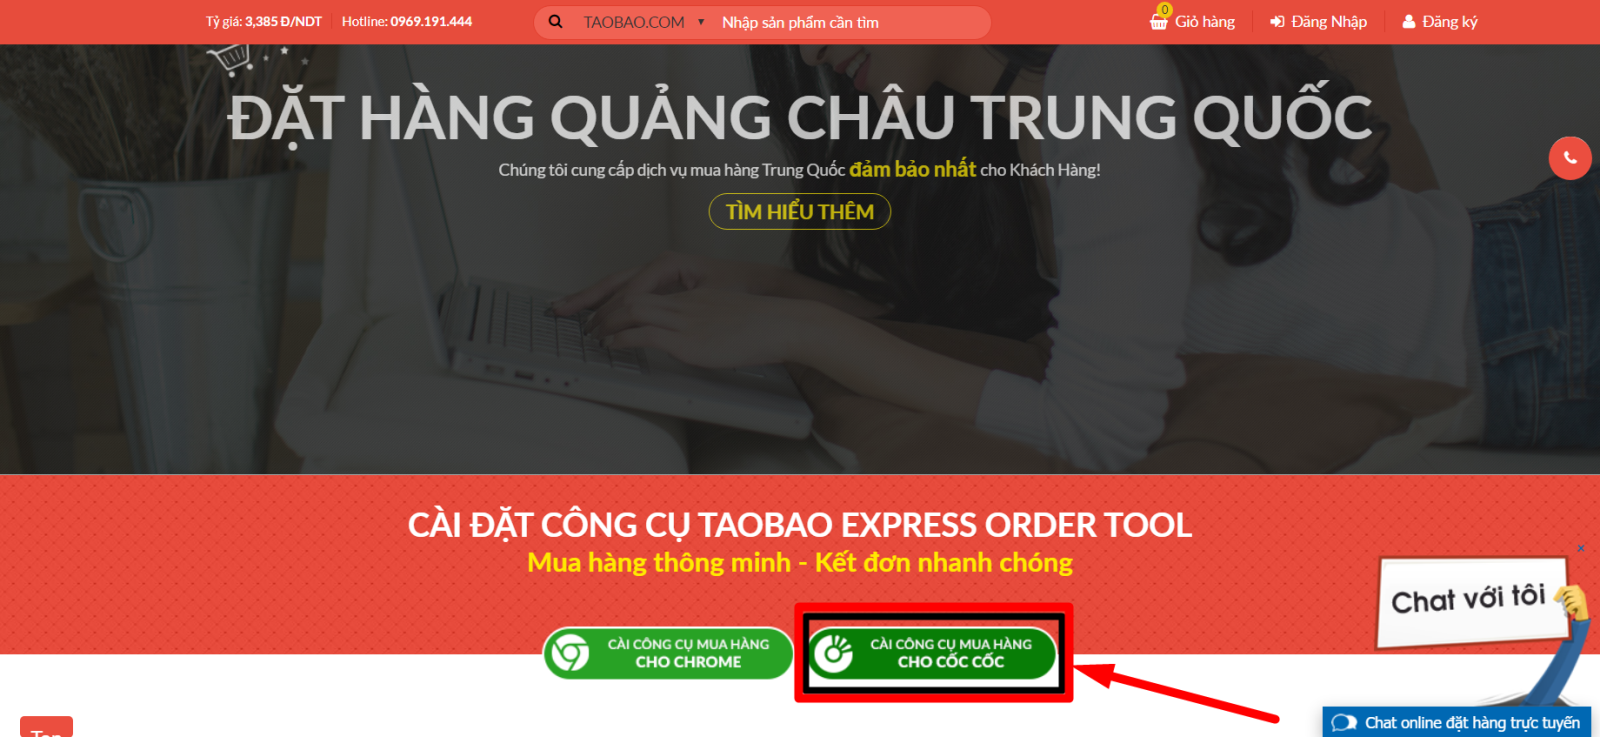 Lựa chọn Cài công cụ mua hàng cho Cốc Cốc